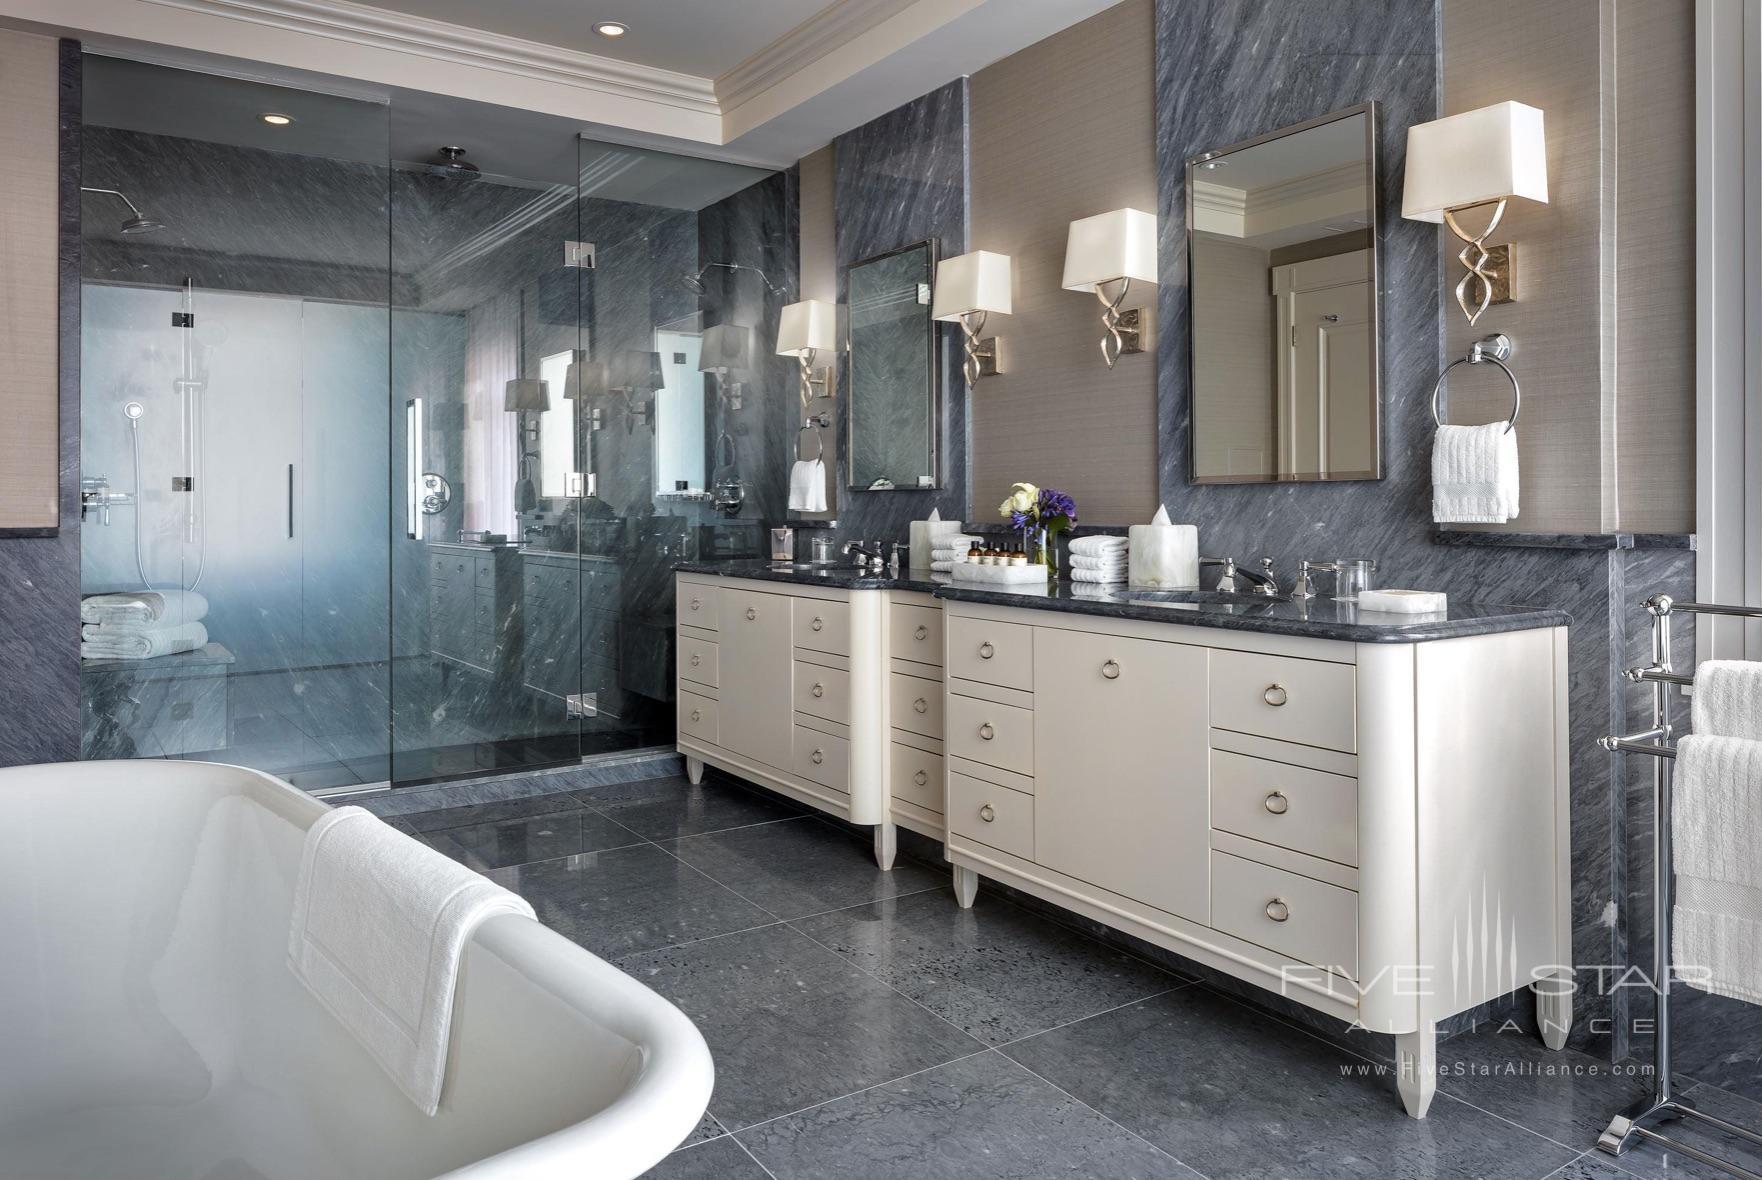 Fairmont Empress Royal Suite Bathroom